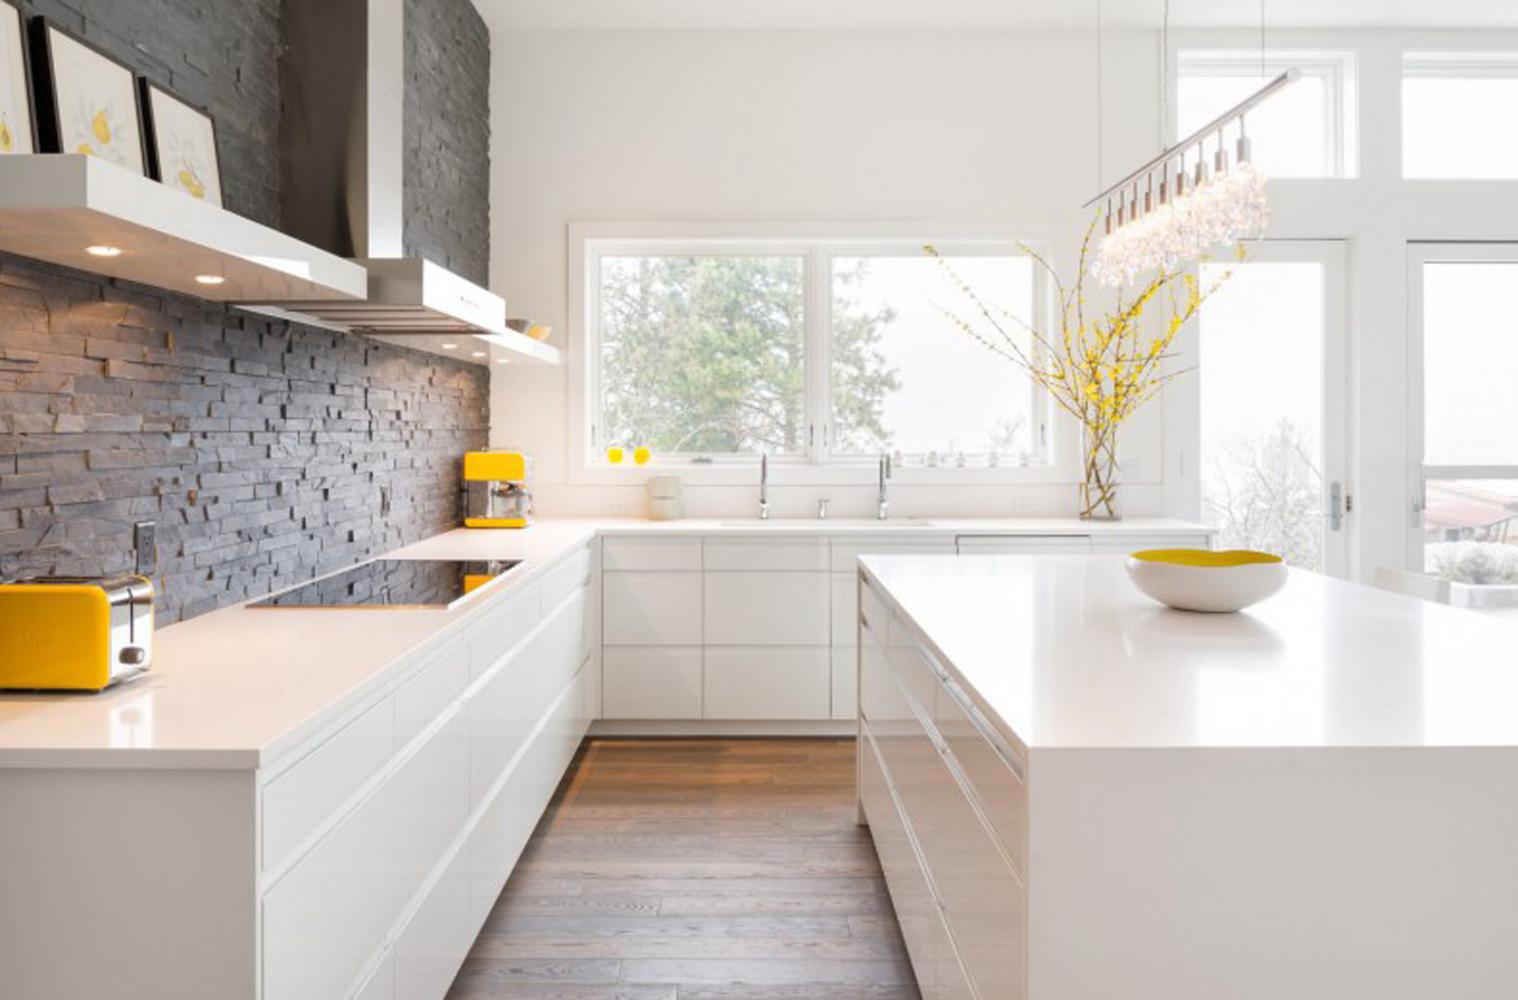 6 أسباب لاختيار مطبخ أبيض